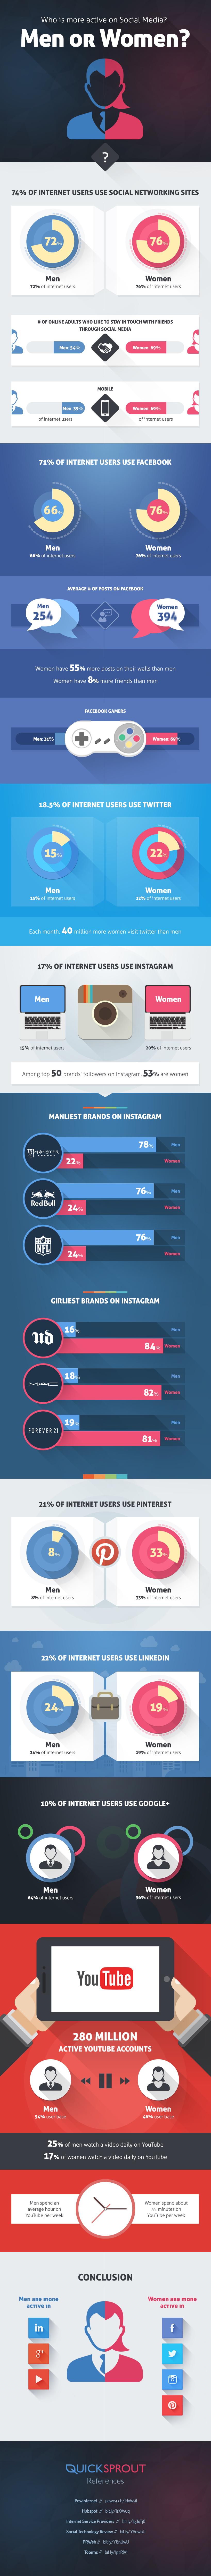 social-media-men-women